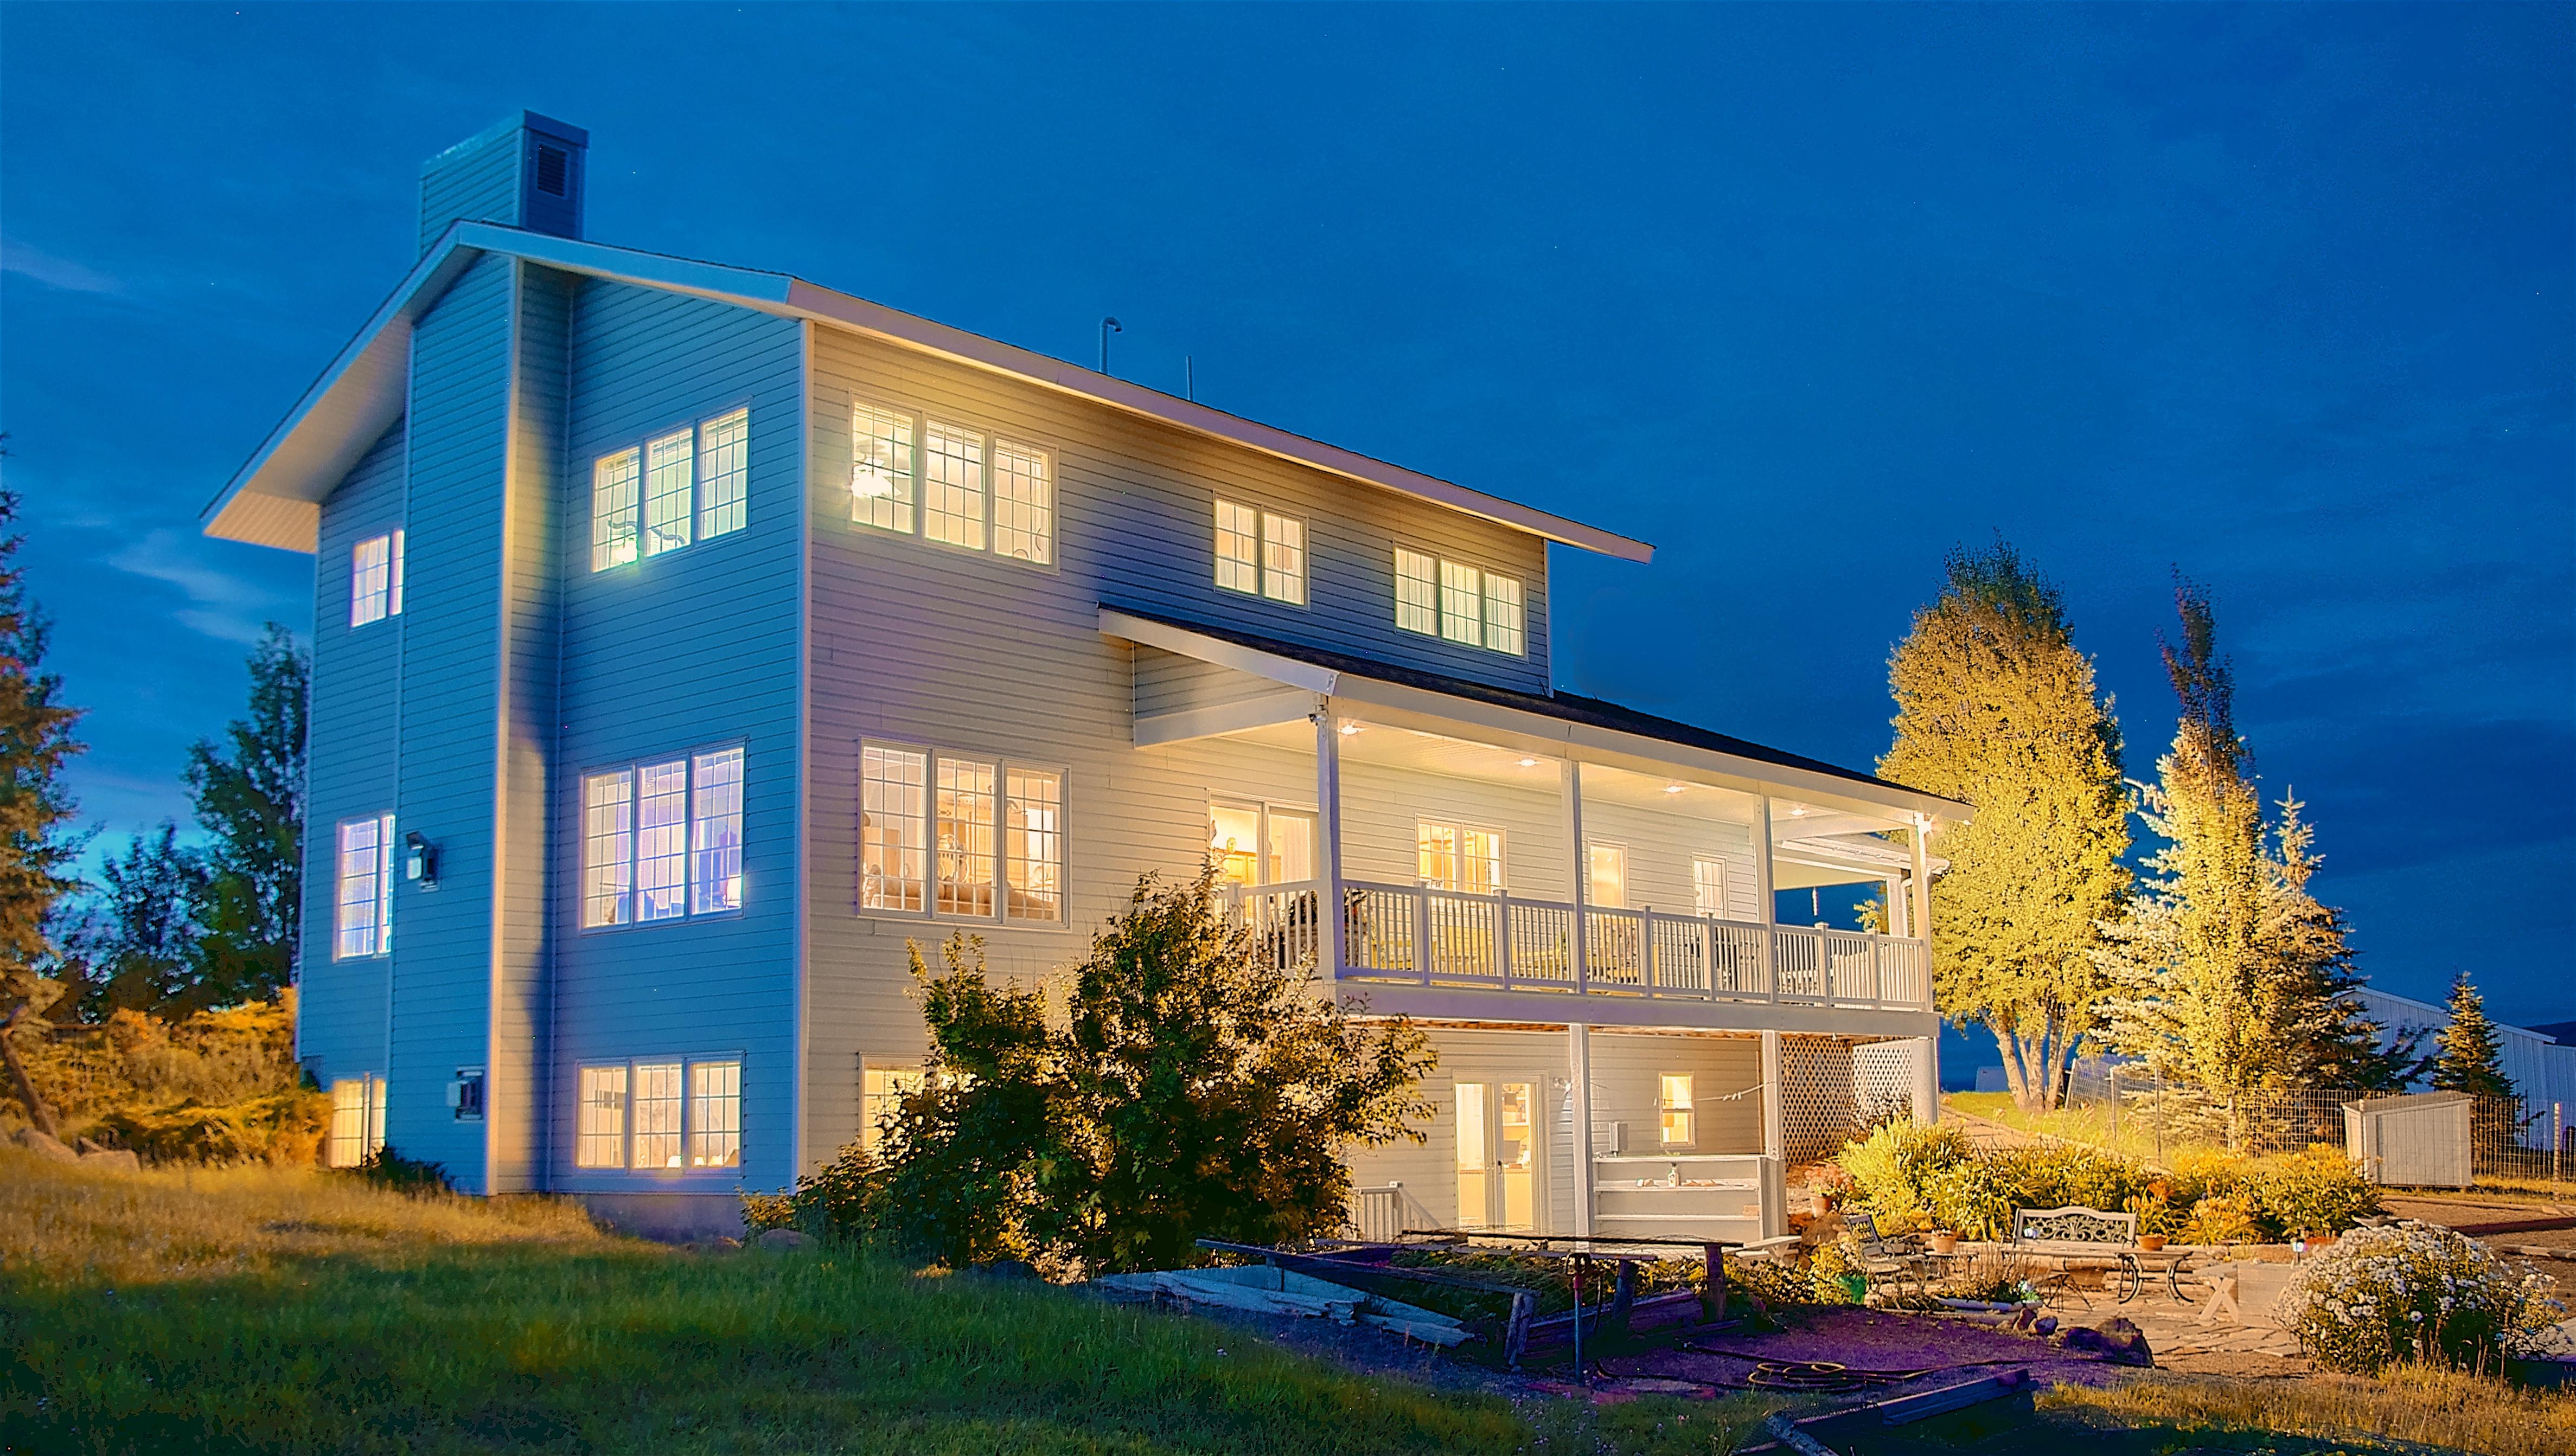 토지 용 매매 에 4 BD Home on 54.67 Acres 23755 RCR 15 Phippsburg, 콜로라도, 80469 미국